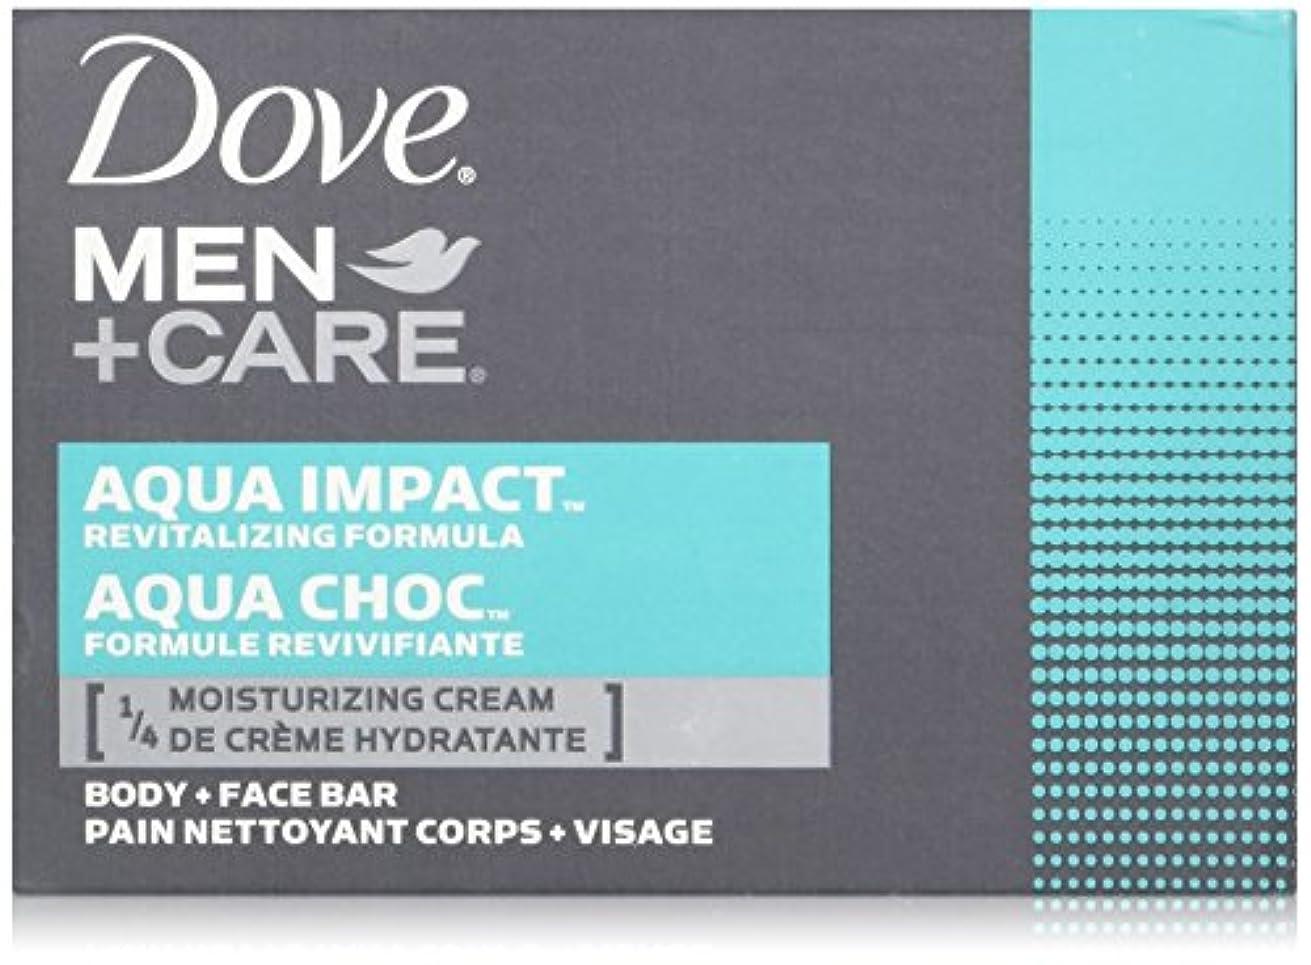 誓うモニカ光のDove Men + Care Body and Face Bar, AQUA IMPACT 4oz x 6soaps ダブ メン プラスケア アクアインパクト 固形石鹸 4oz x 6個パック